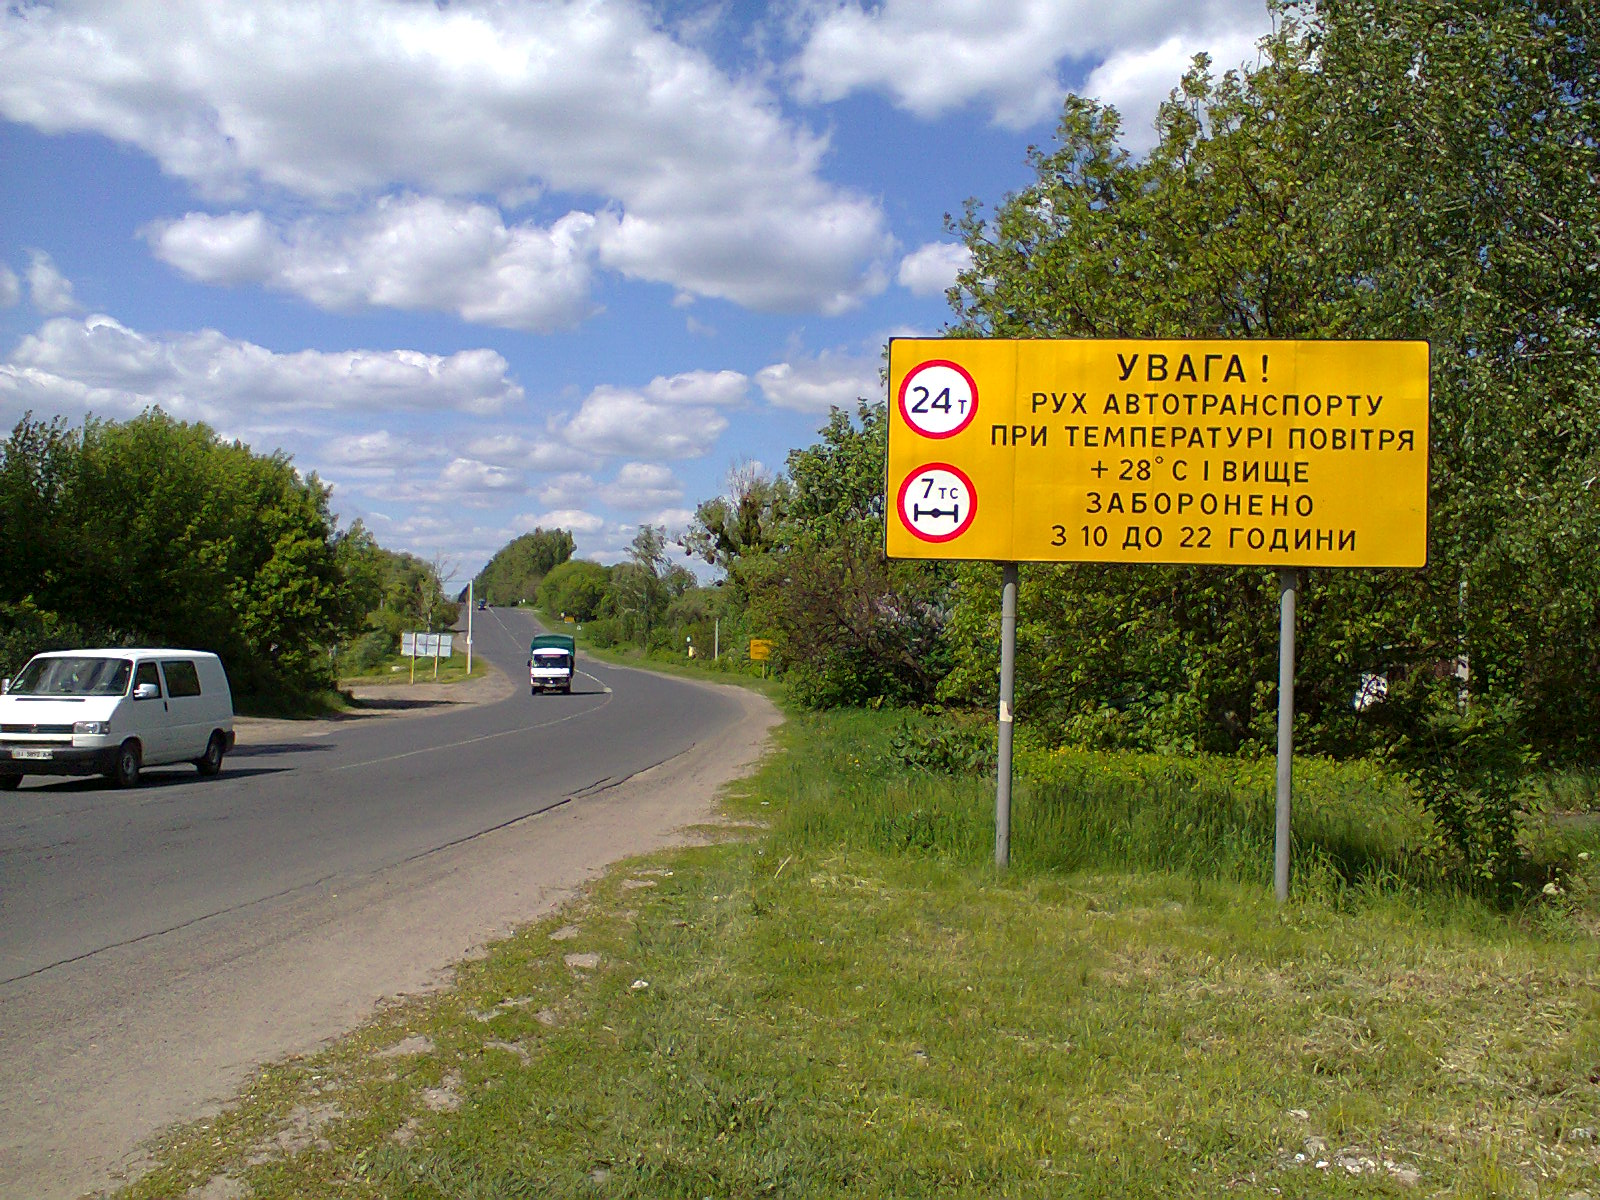 Через спеку на Полтавщині обмежують рух вантажівок